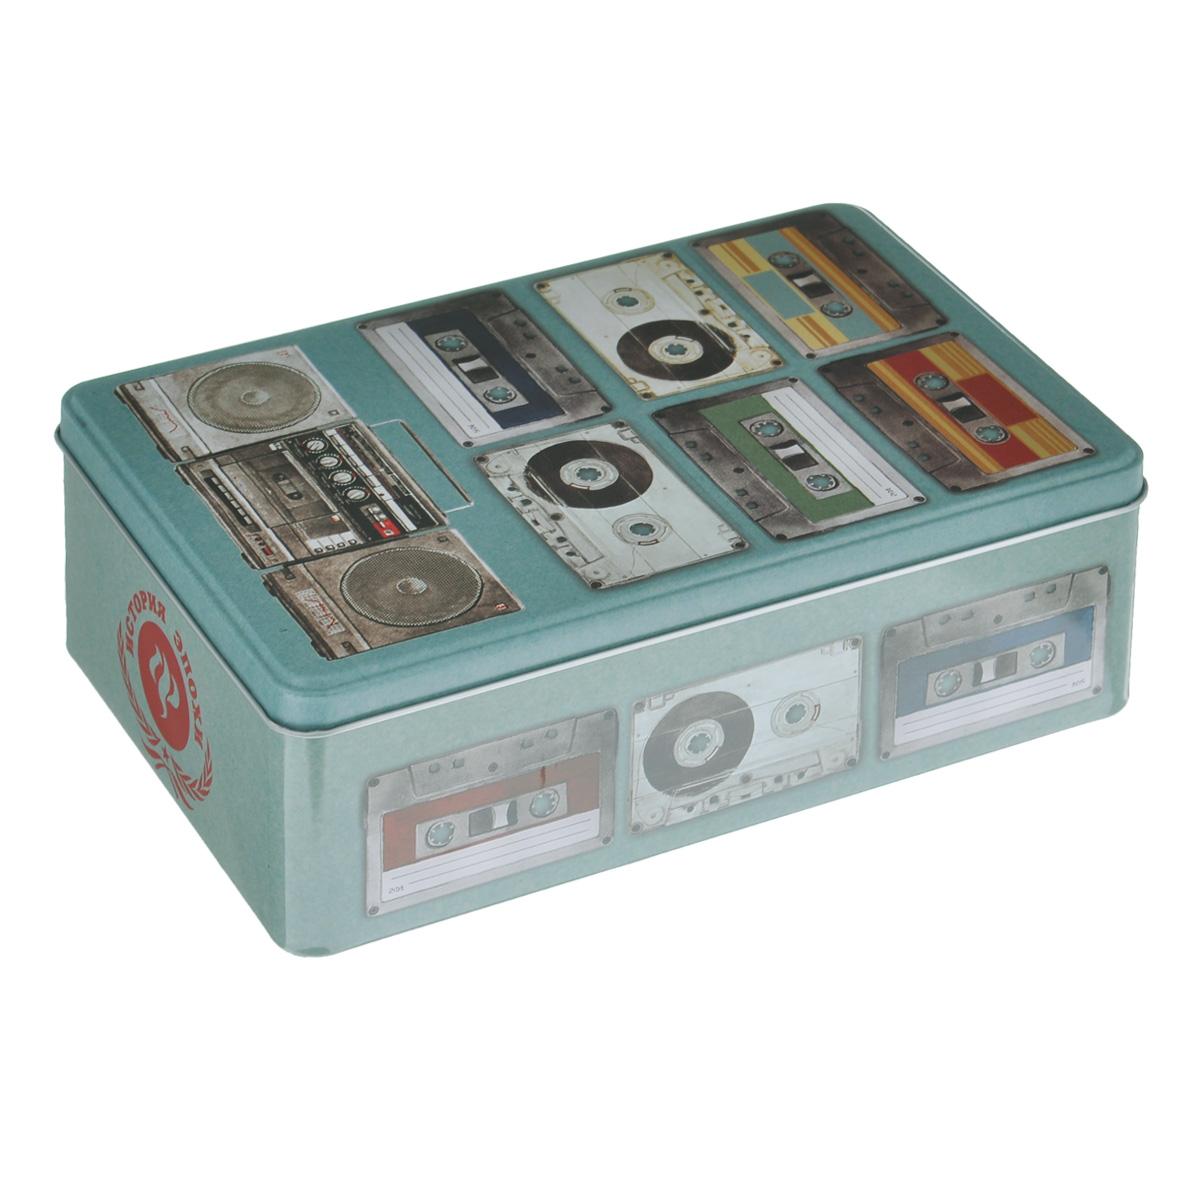 Коробка для хранения Феникс-презент Аудиокассеты, 20 х 13 х 6,5 см37667Коробка для хранения Феникс-презент Аудиокассеты, выполненная из металла, декорирована изображением различных аудиокассет. Внутри коробки имеется одно вместительное отделение. Крышка изделия открывается с помощью откидного механизма.Коробка для хранения Феникс-презент Аудиокассеты станет оригинальным украшением интерьера и позволит хранить украшения, бижутерию, а также предметы шитья или рукоделия.